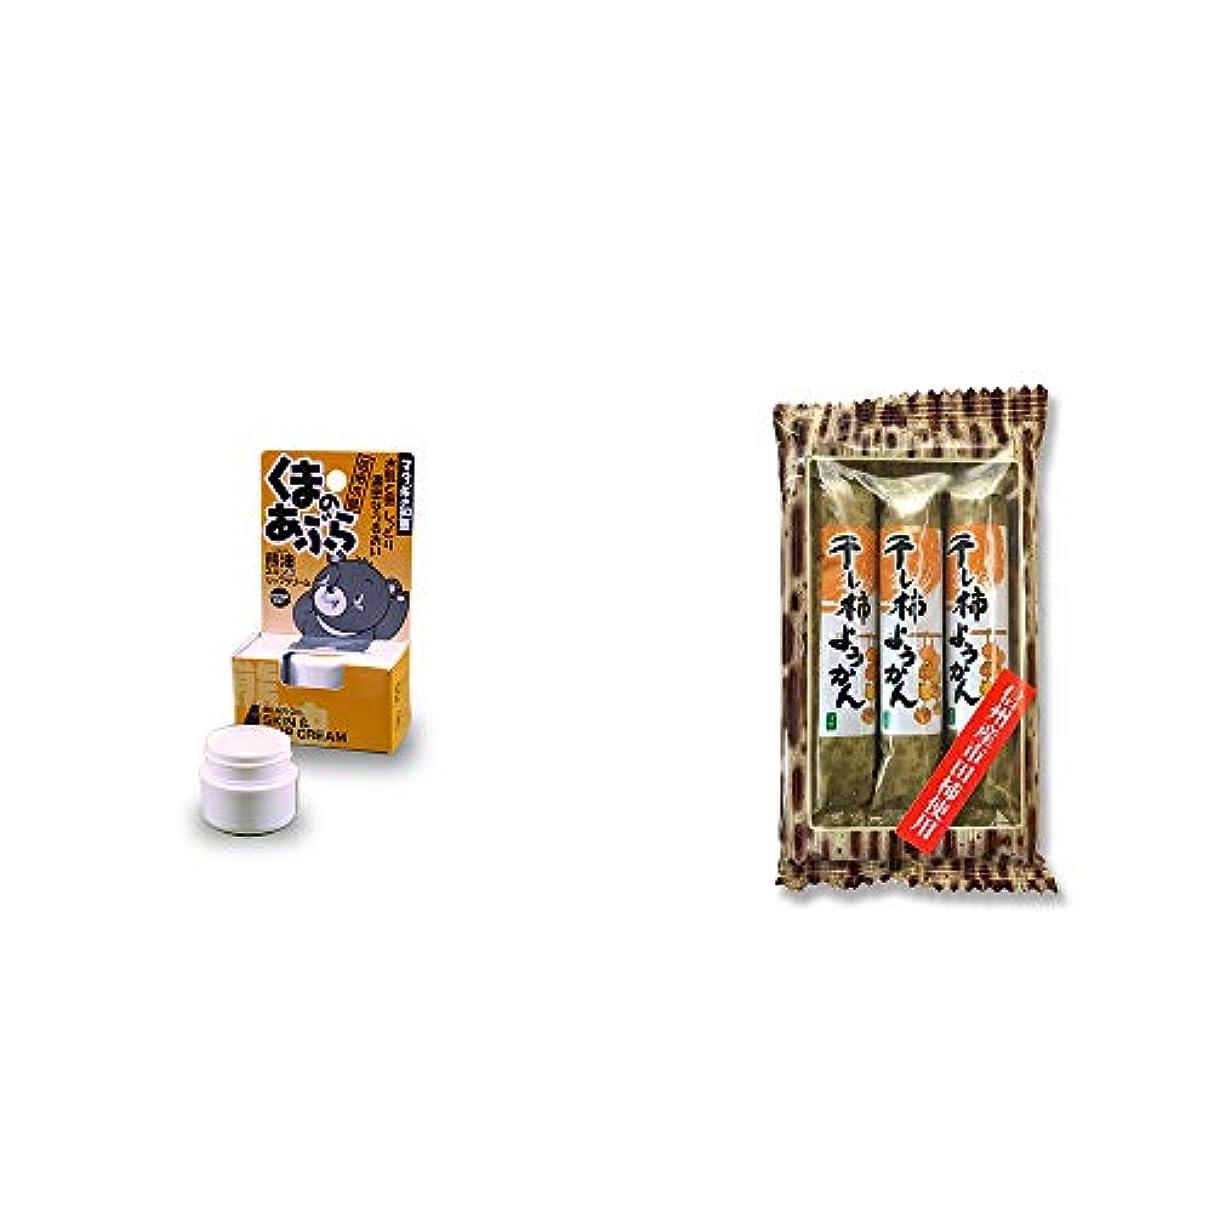 アパートグラフ降下[2点セット] 信州木曽 くまのあぶら 熊油スキン&リップクリーム(9g)?信州産市田柿使用 スティックようかん[柿](50g×3本)